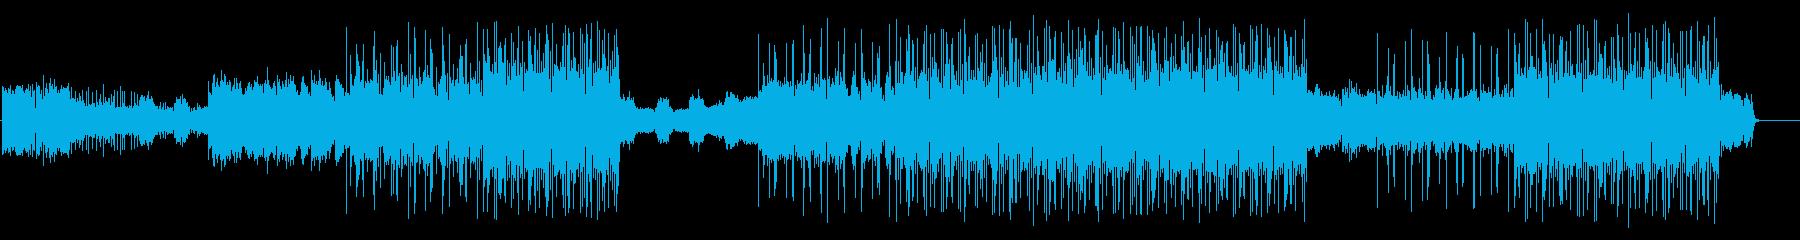 英語のボーカルが印象的なパワフルなEDMの再生済みの波形